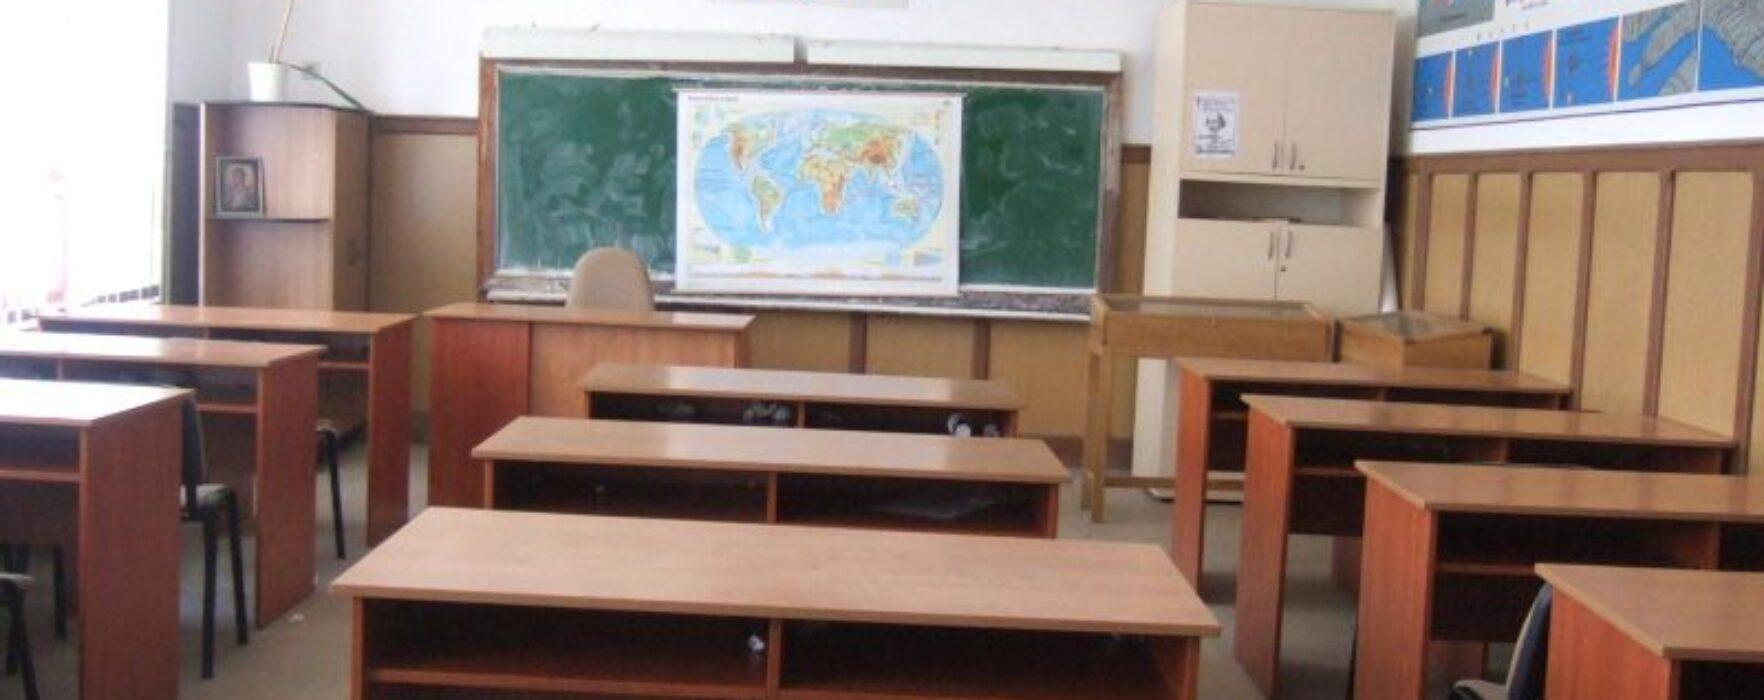 Alte două şcoli din Târgovişte au hotărât suspendarea orelor, din cauza frigului din clase